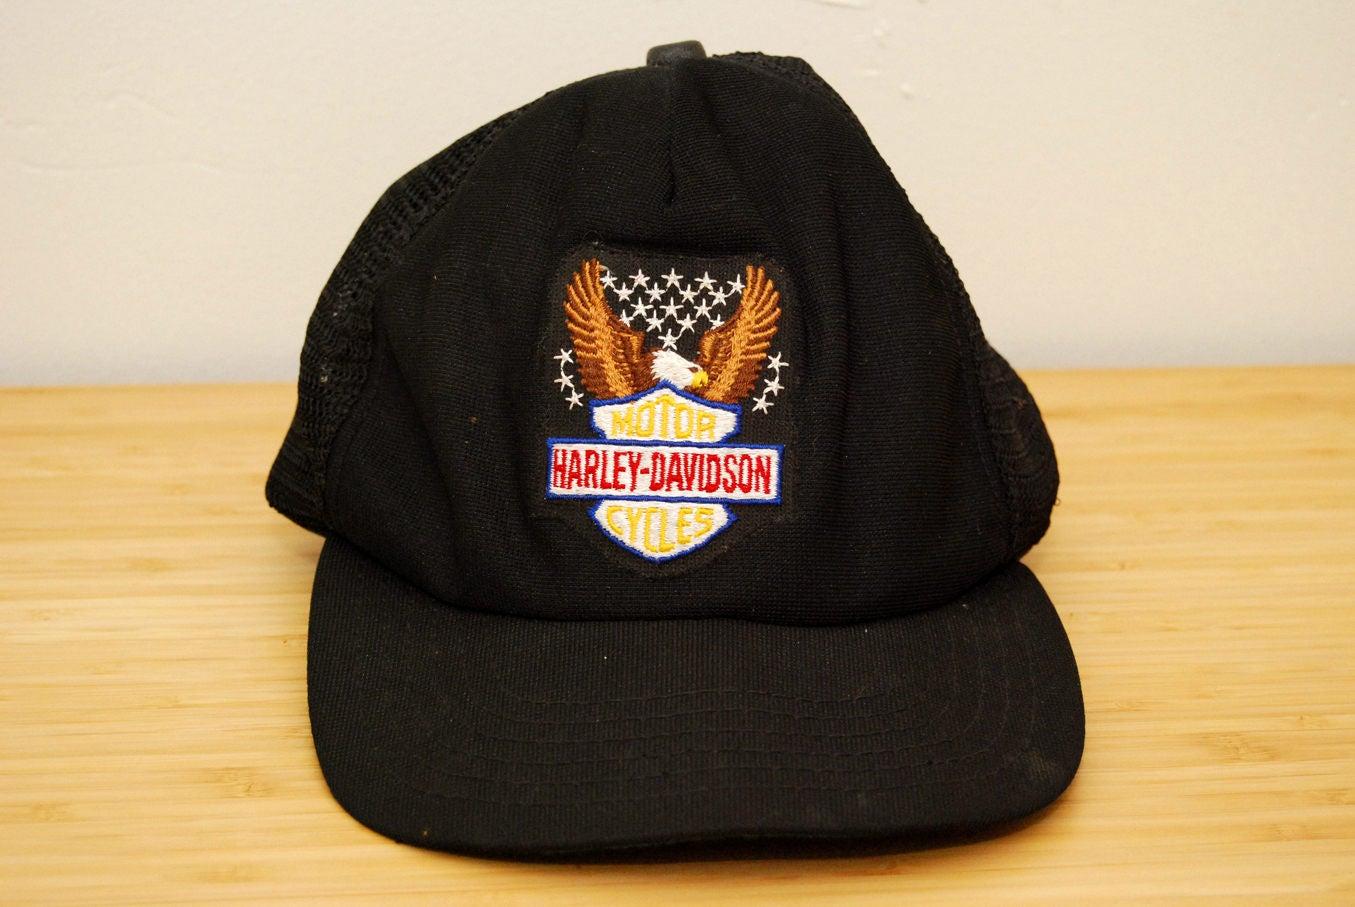 deae551d6 HARLEY-DAVIDSON HAT vintage 80s black trucker mesh cap snapback snap back  biker motorcycle patch embroidered logo bald eagle 90s 1980s 1990s